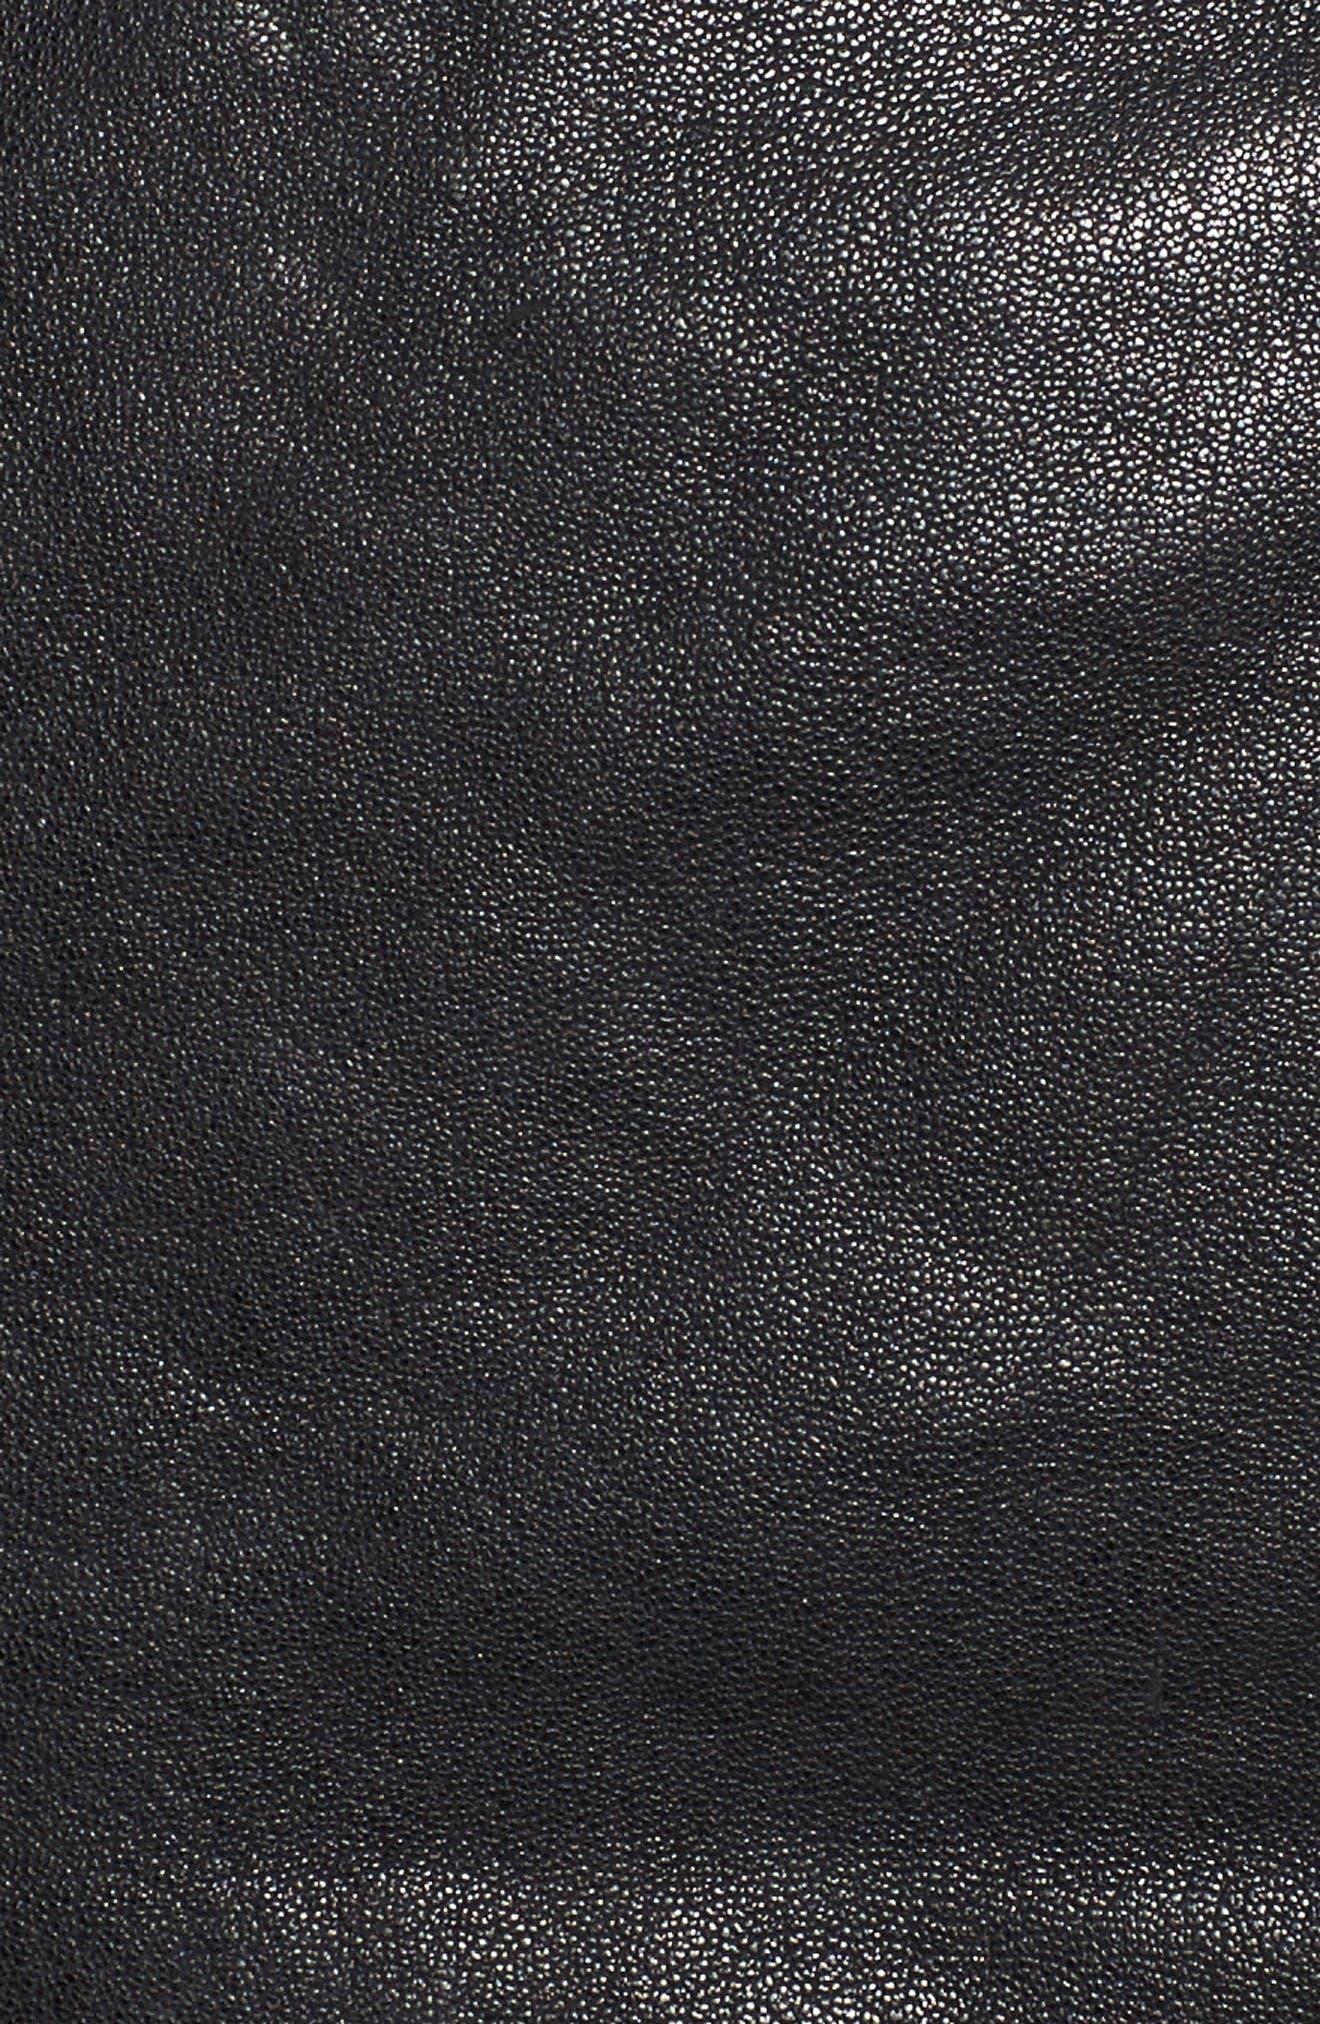 Alternate Image 5  - LaMarque Washed Leather Crop Moto Jacket